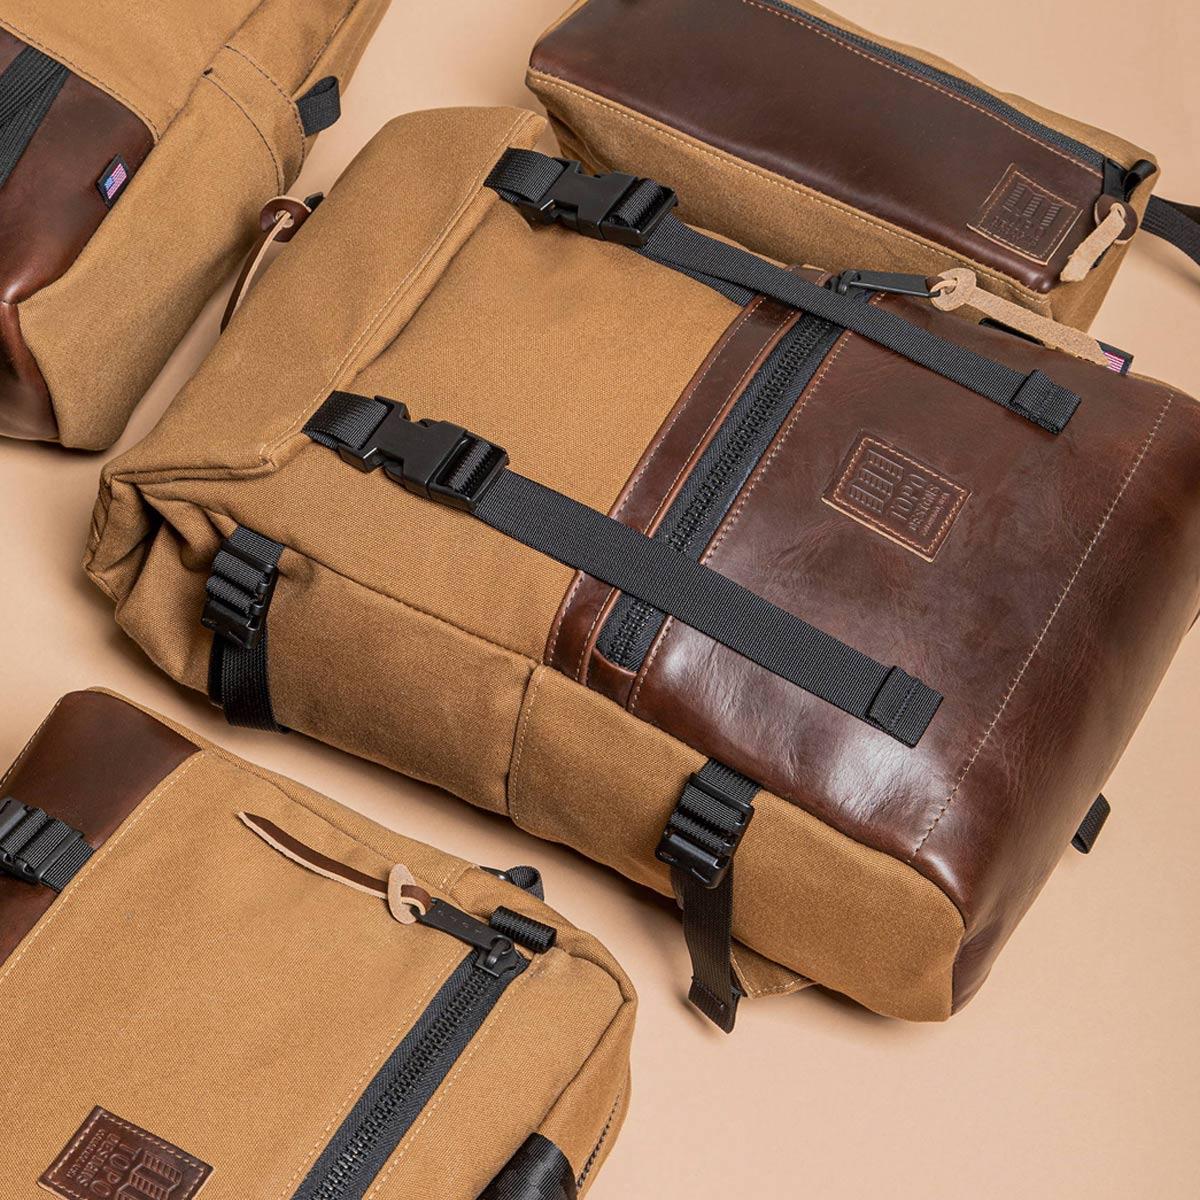 Topo Designs Rover Pack Heritage Dark Khaki Canvas/Brown Leather, tijdloze rugzak met moderne functionaliteiten voor dagelijks gebruik